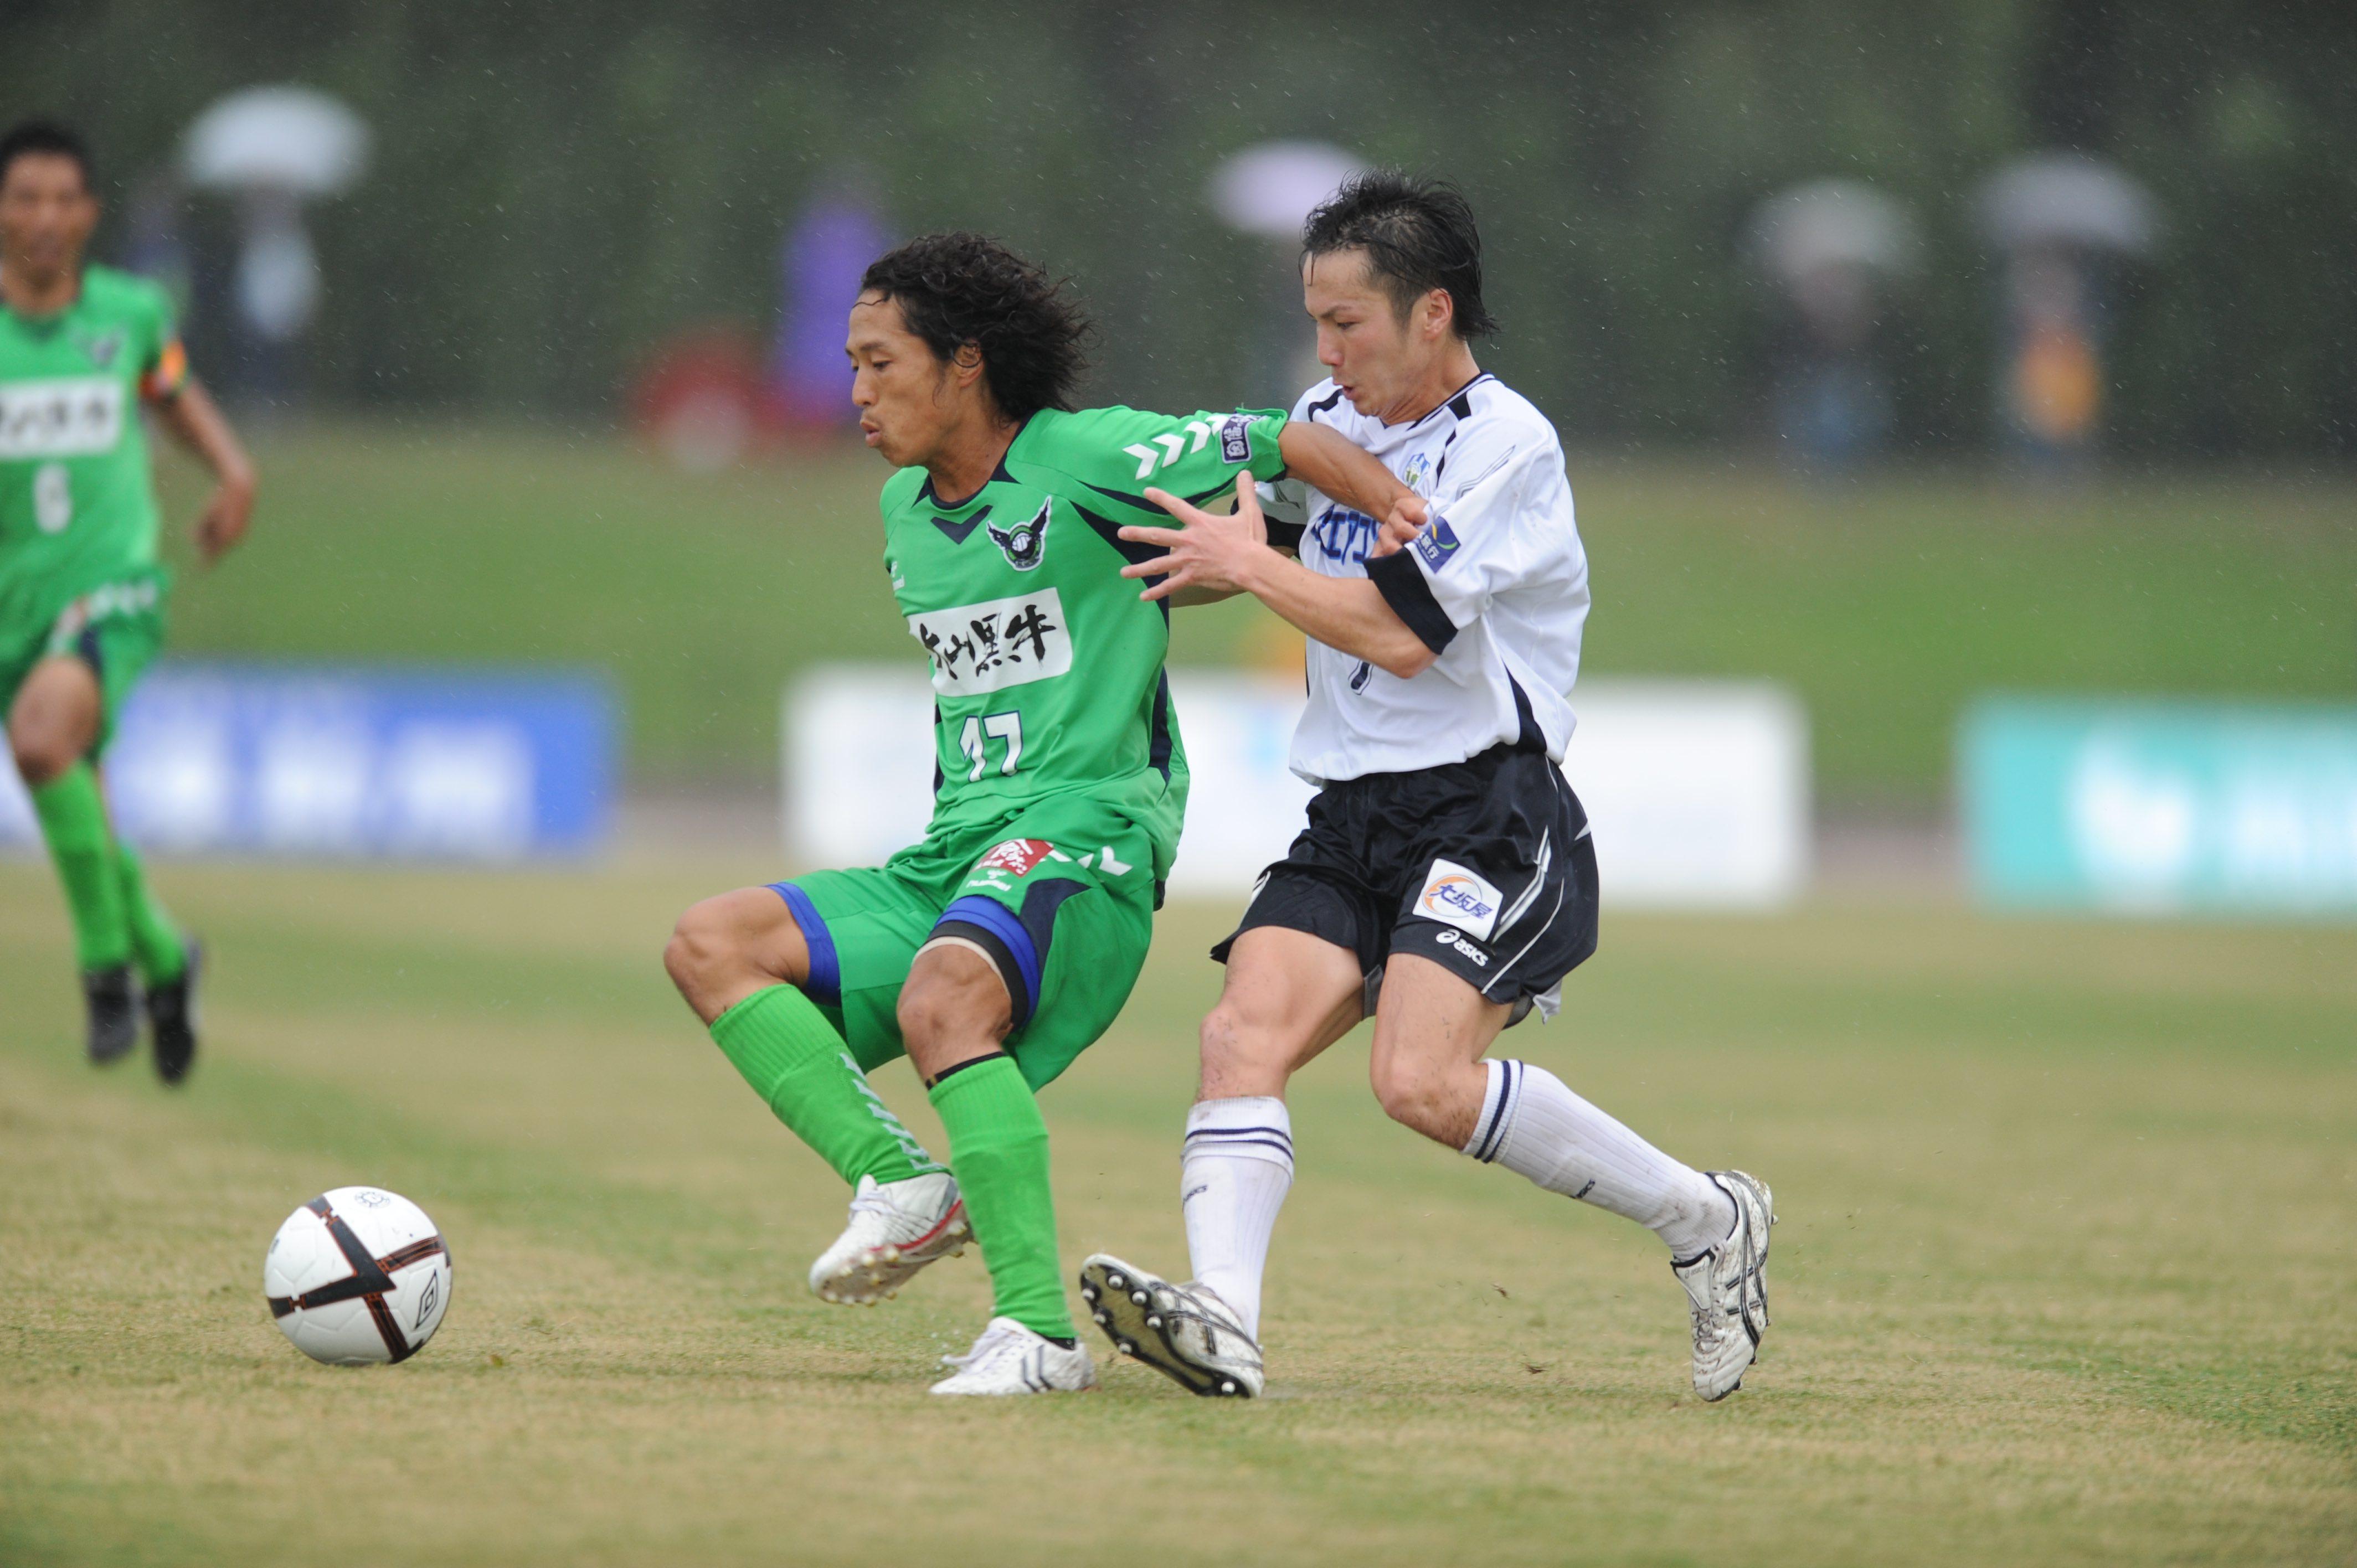 【本人サイン入り公式】ガイナーレ鳥取 17鶴見聡貴選手2010レジェンドユニフォーム(1st)